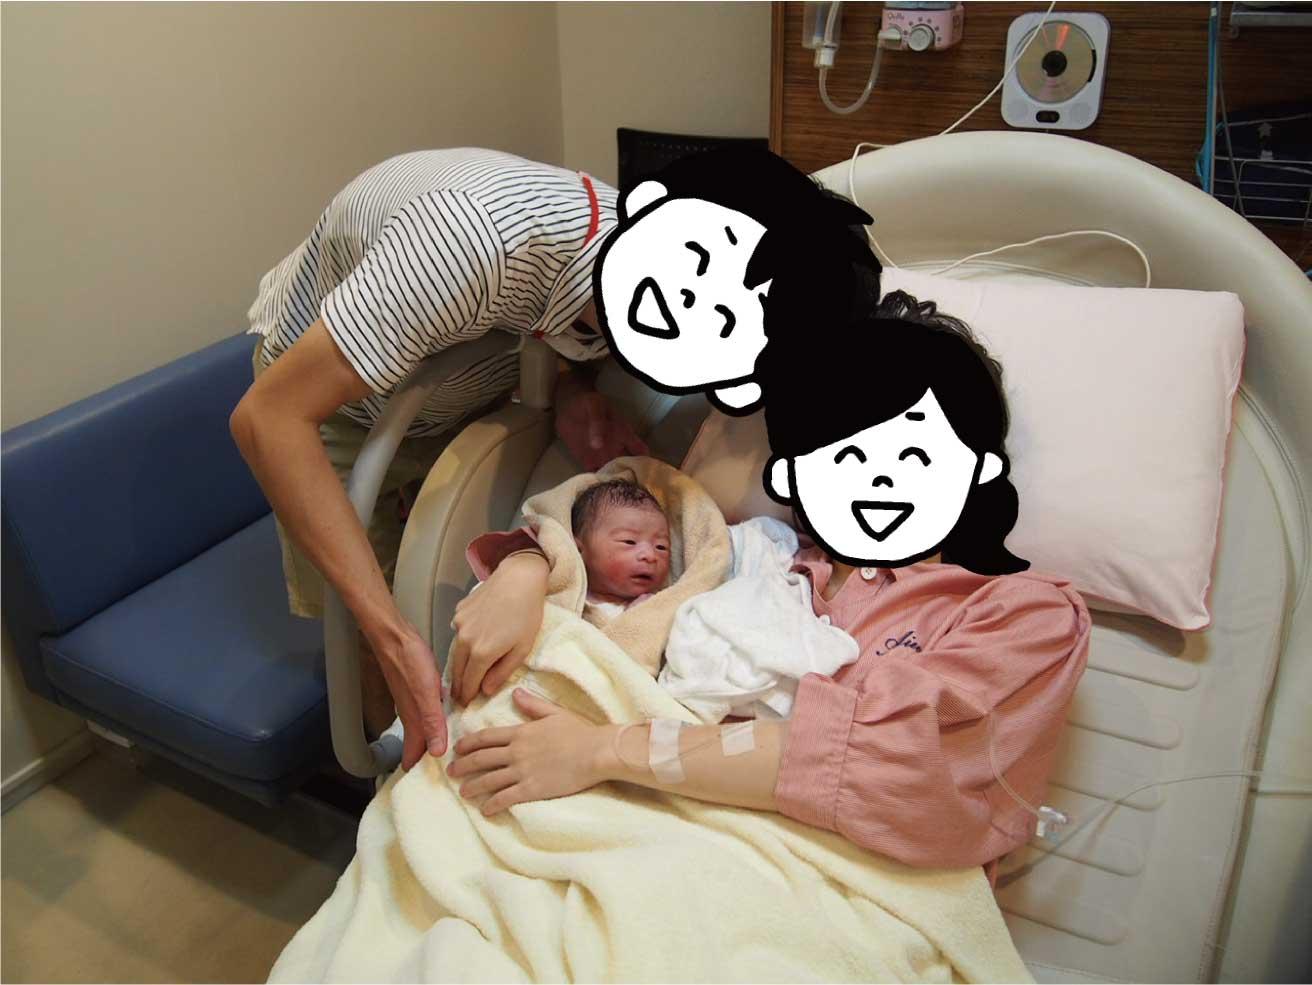 分娩室で生まれた赤ちゃんとその夫婦